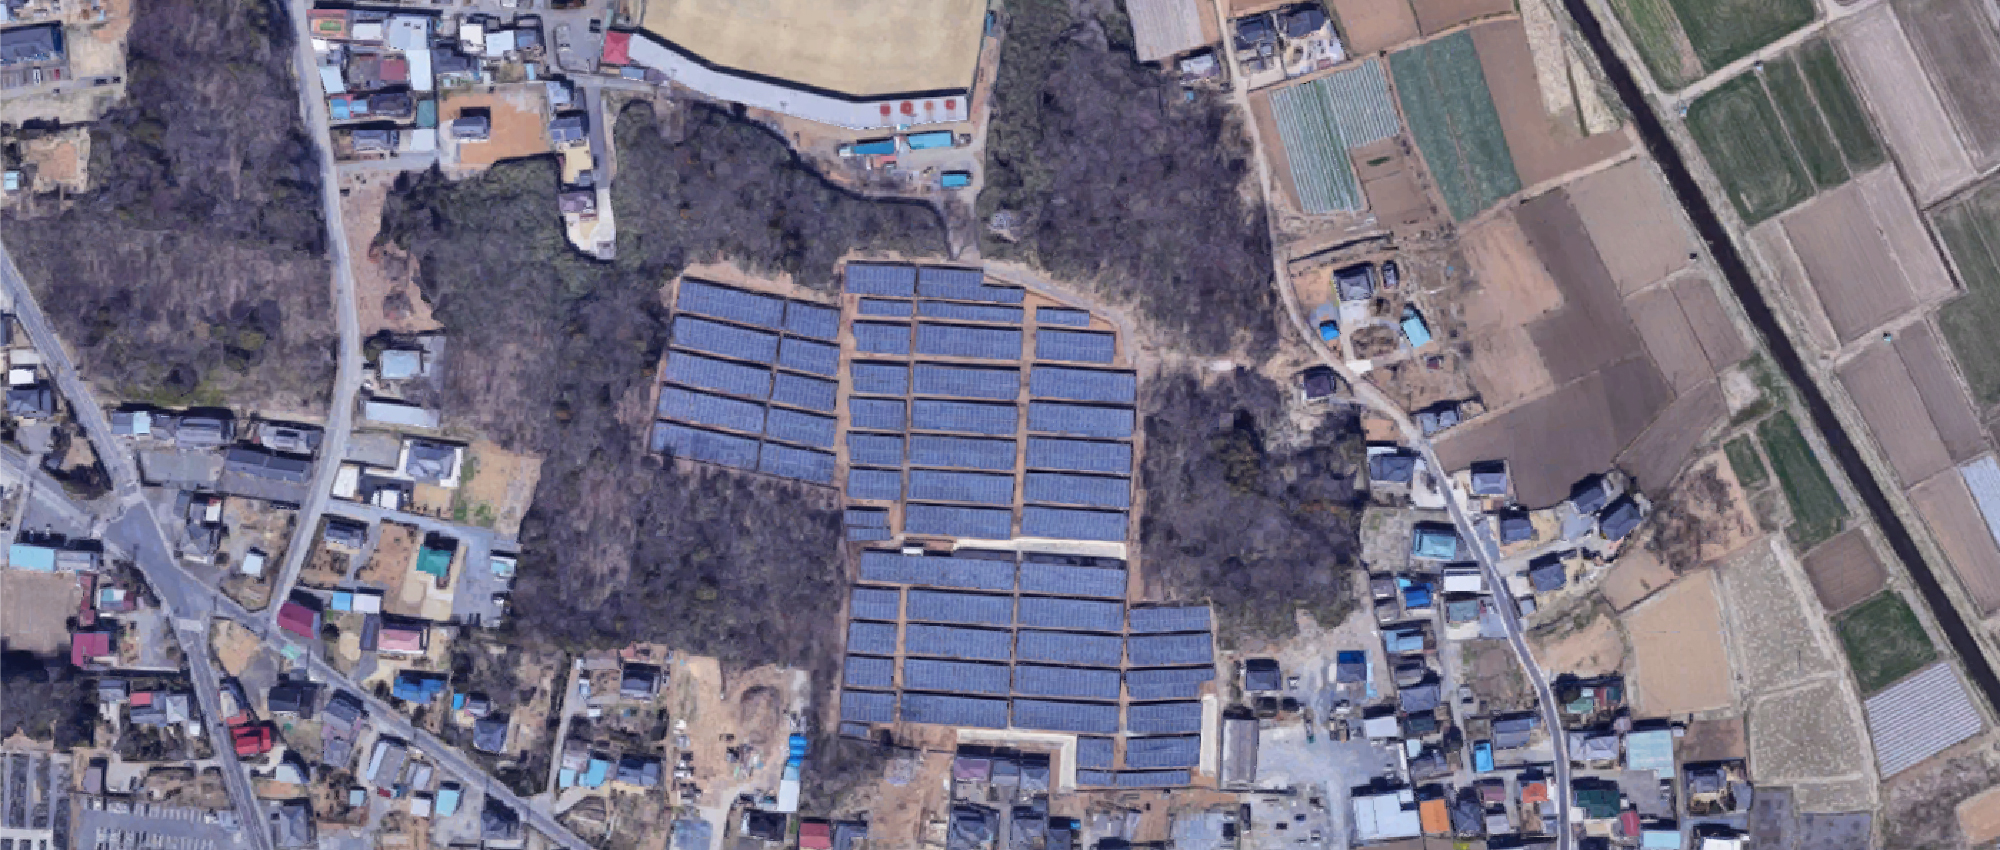 上から見たエネグローバル古河下大野第一発電所